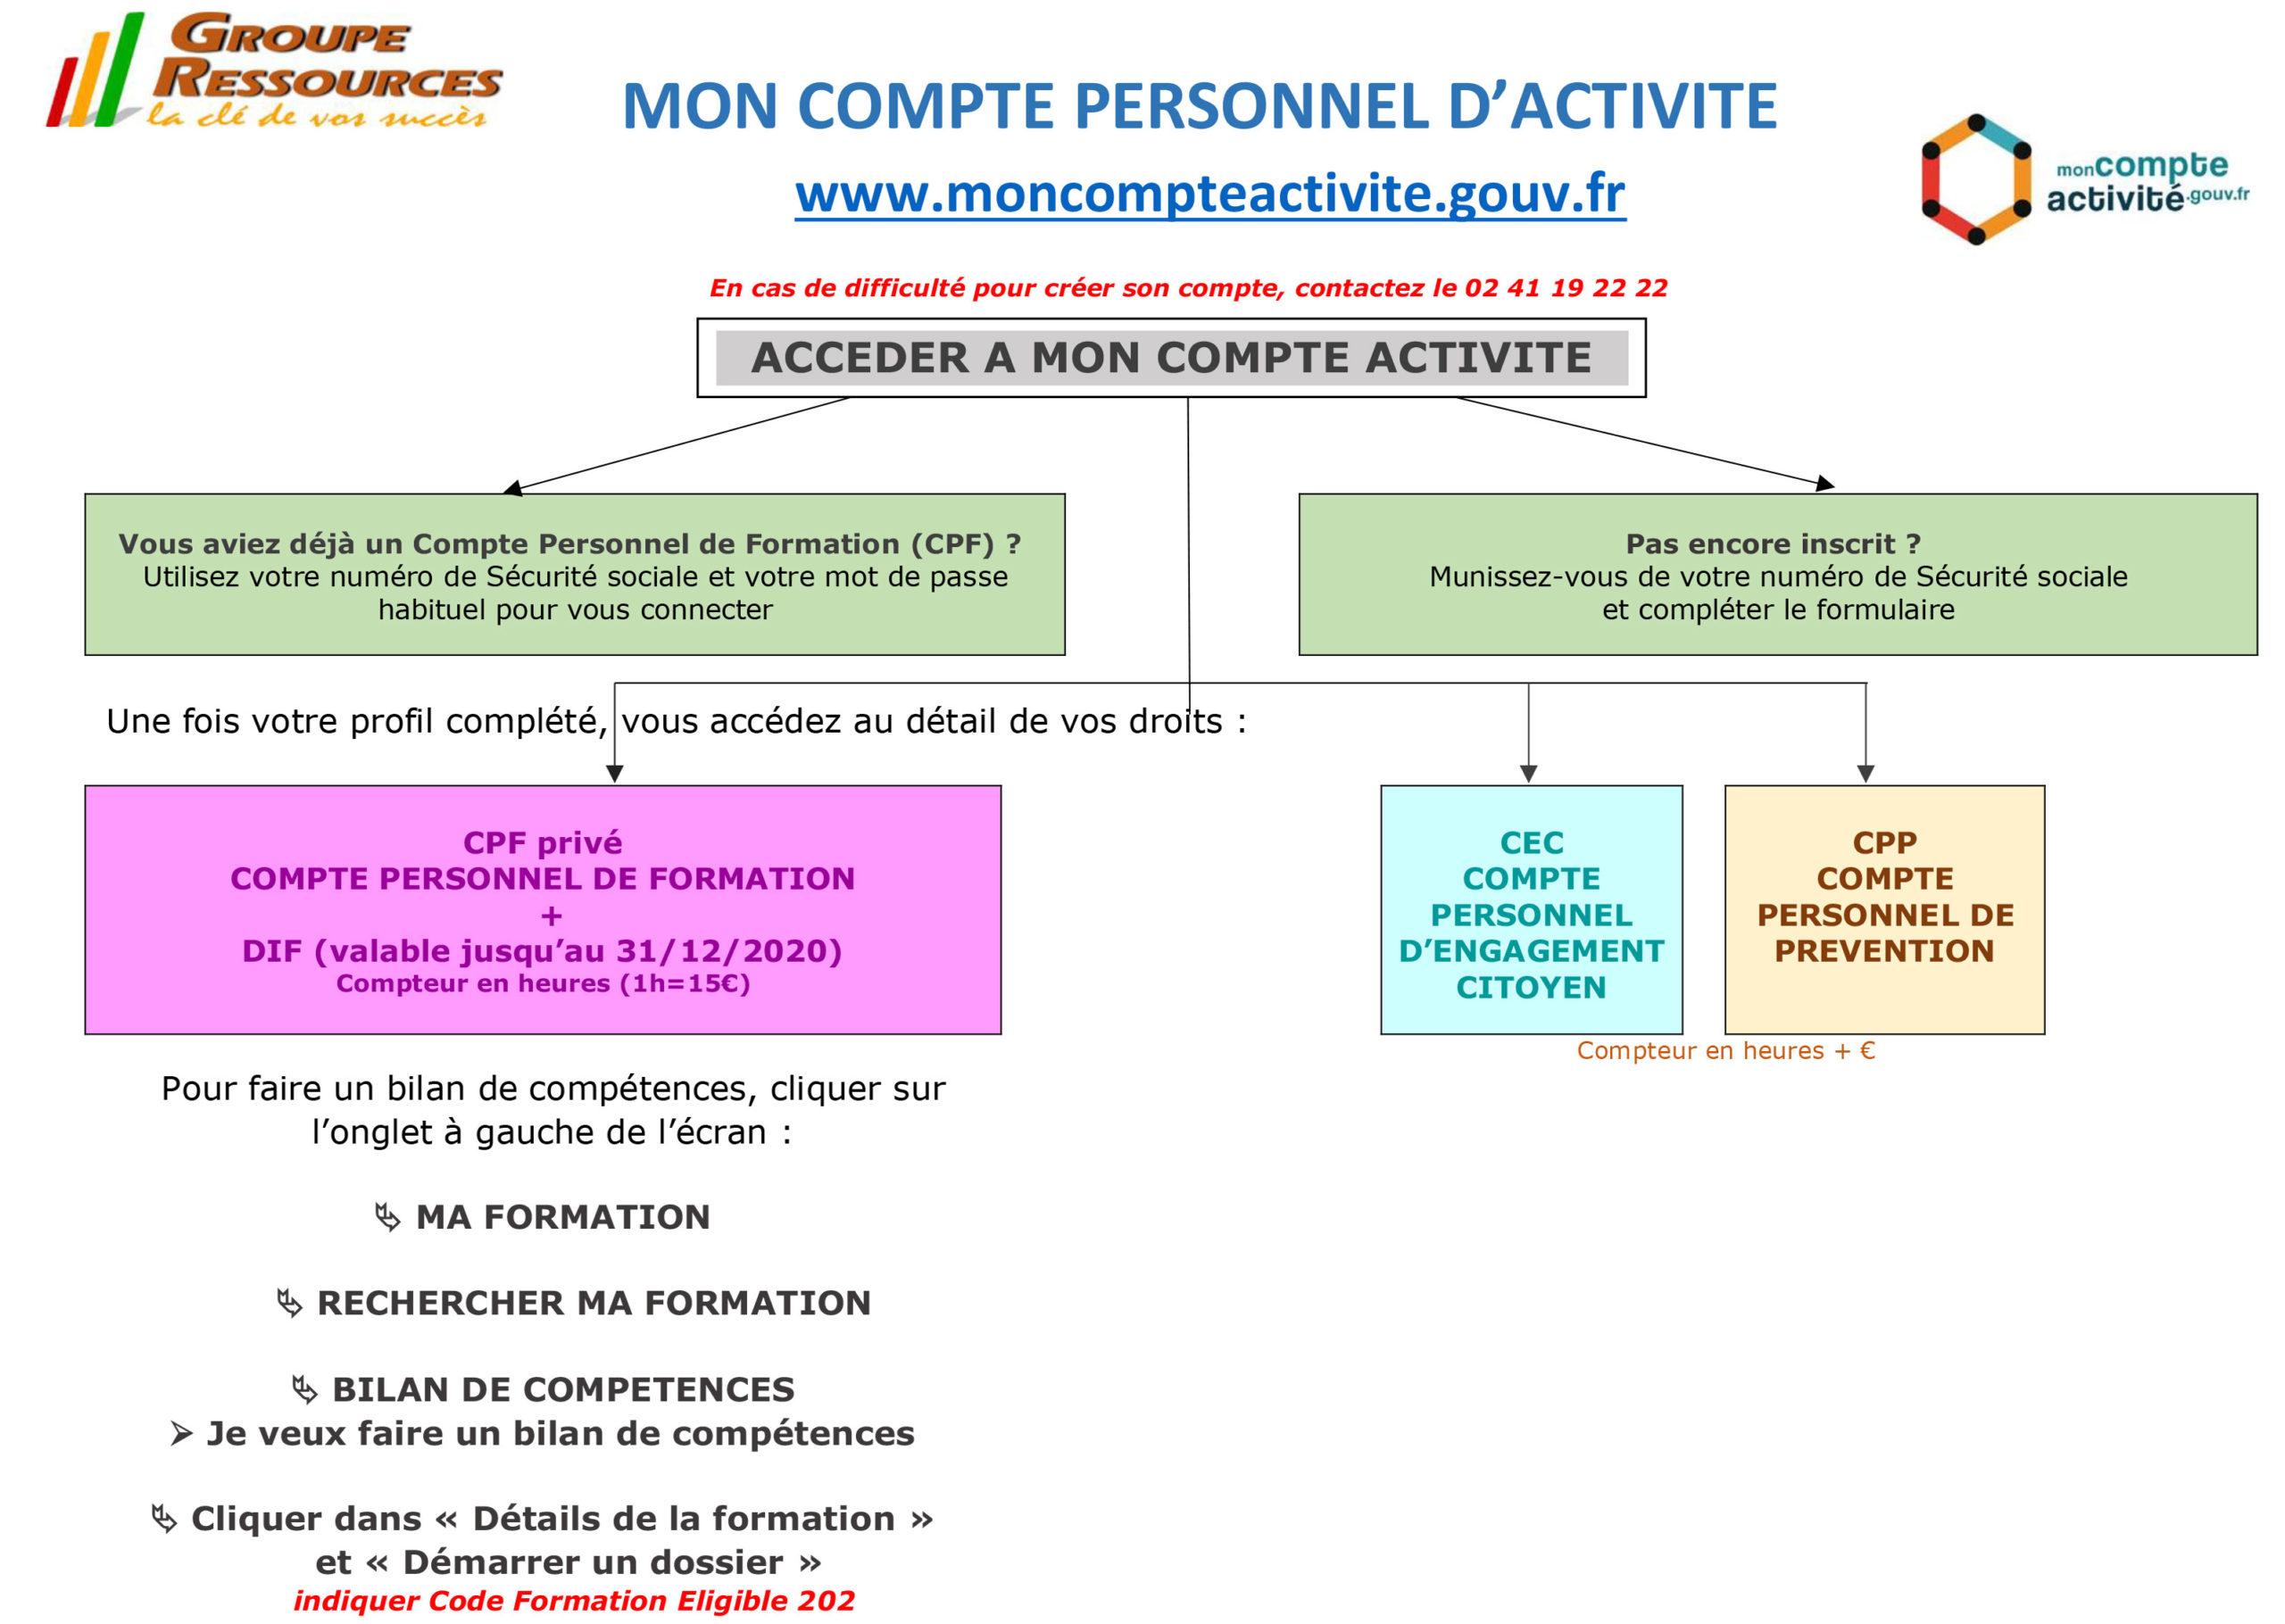 Compte Personnel d'Activités